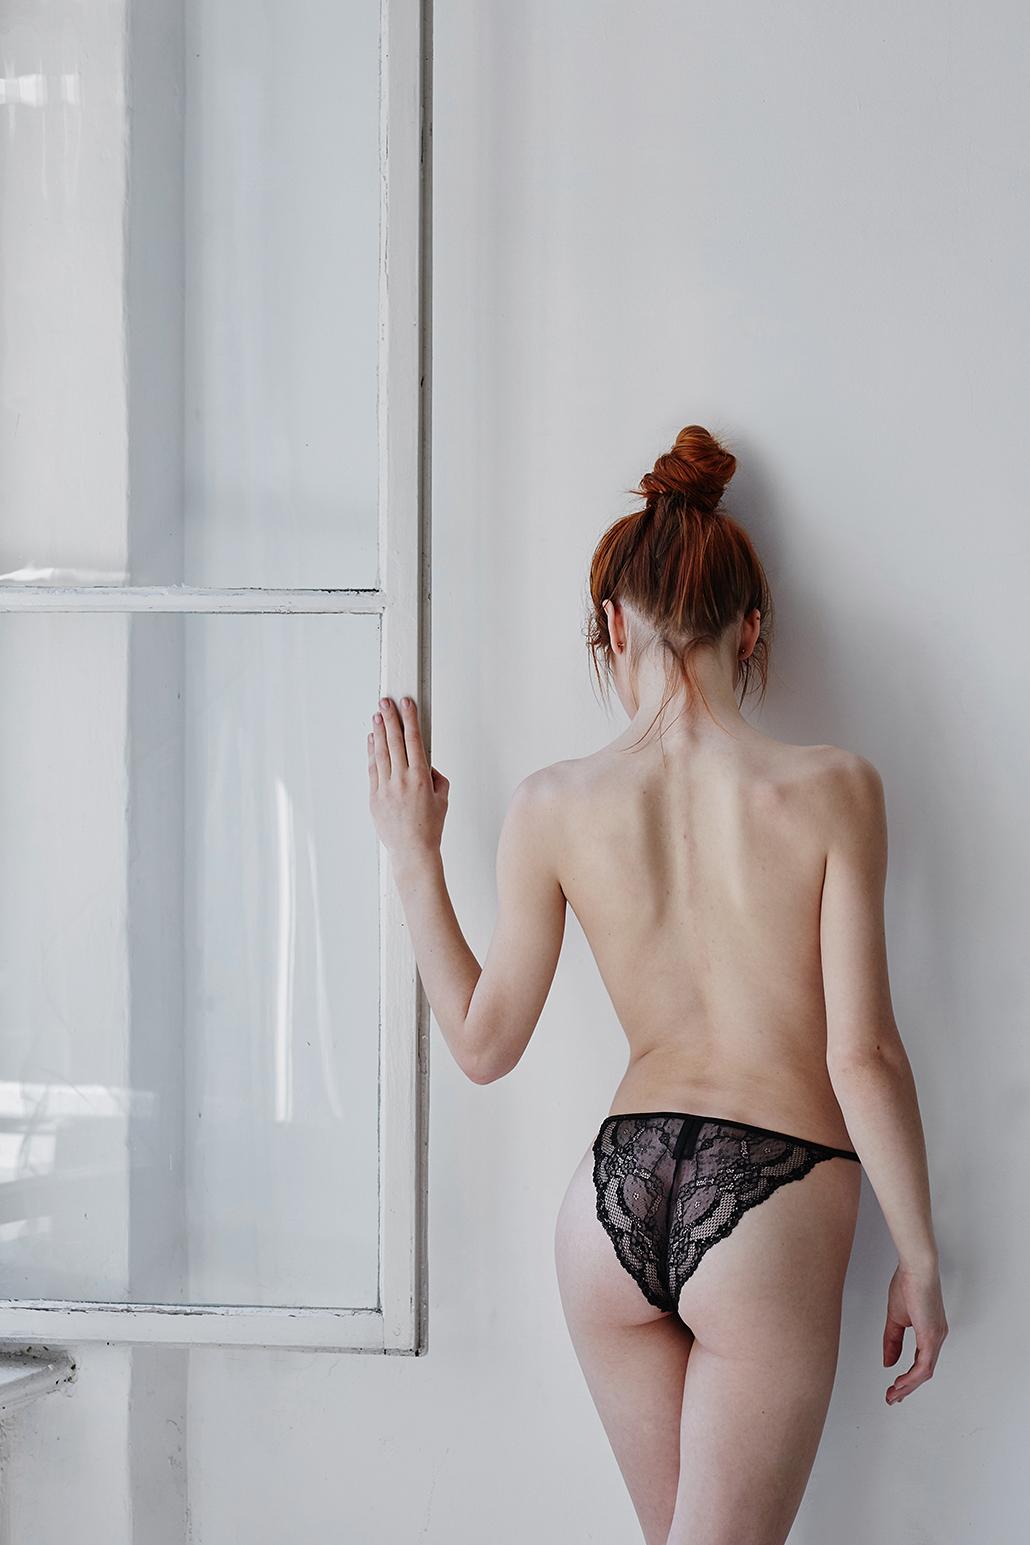 Akt kobiecy fotografia